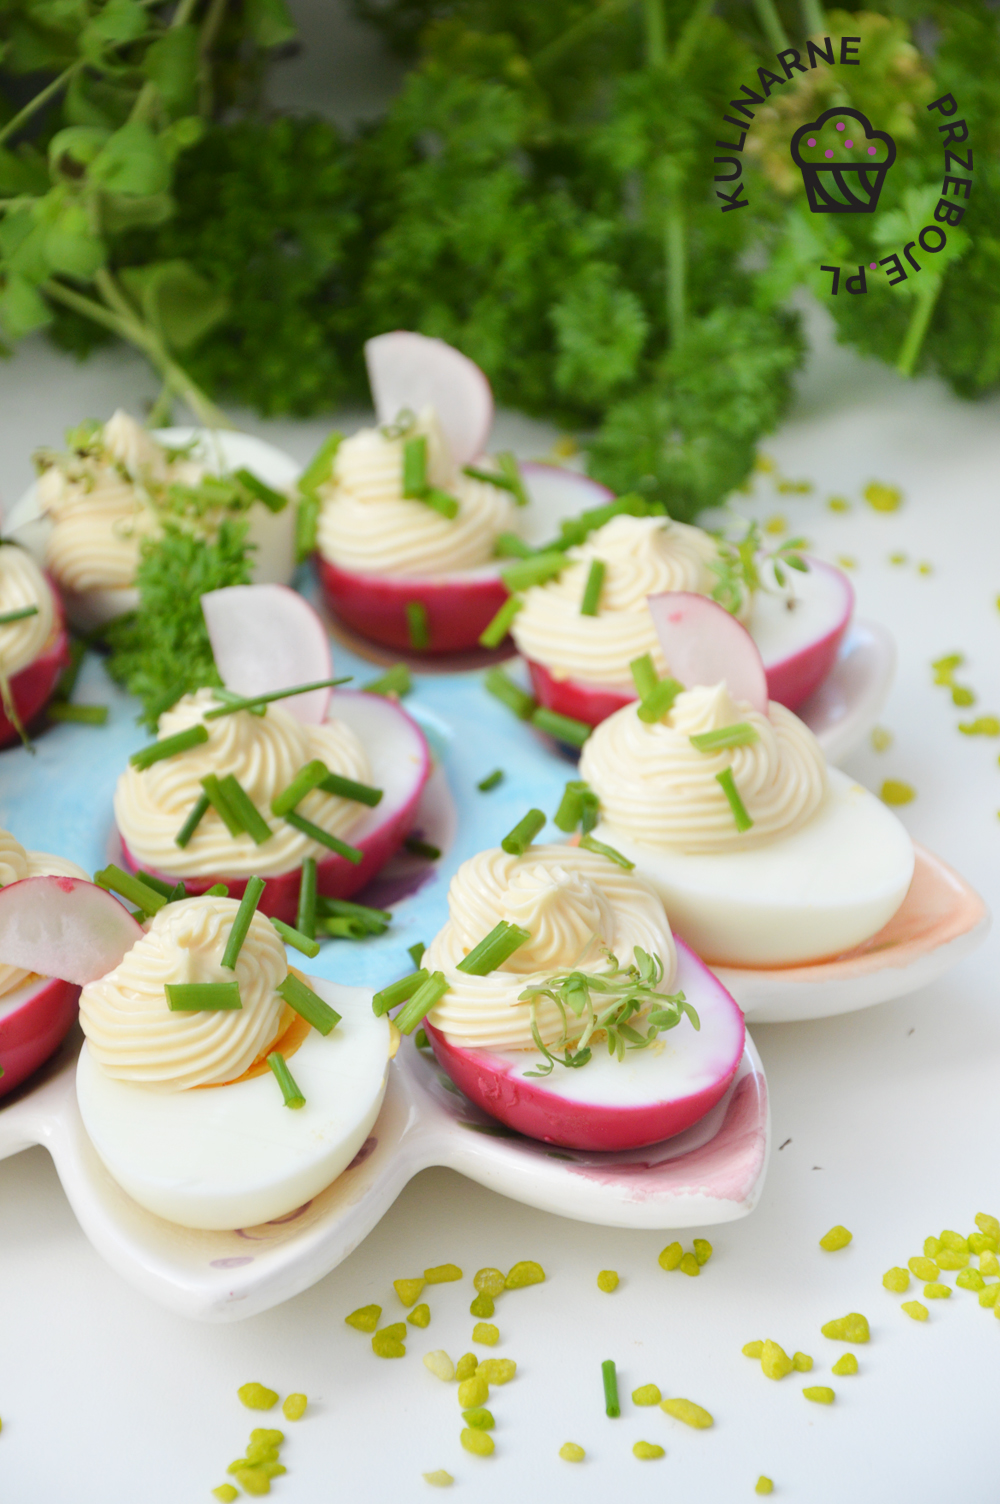 jajka w majonezie z rzeżuchą